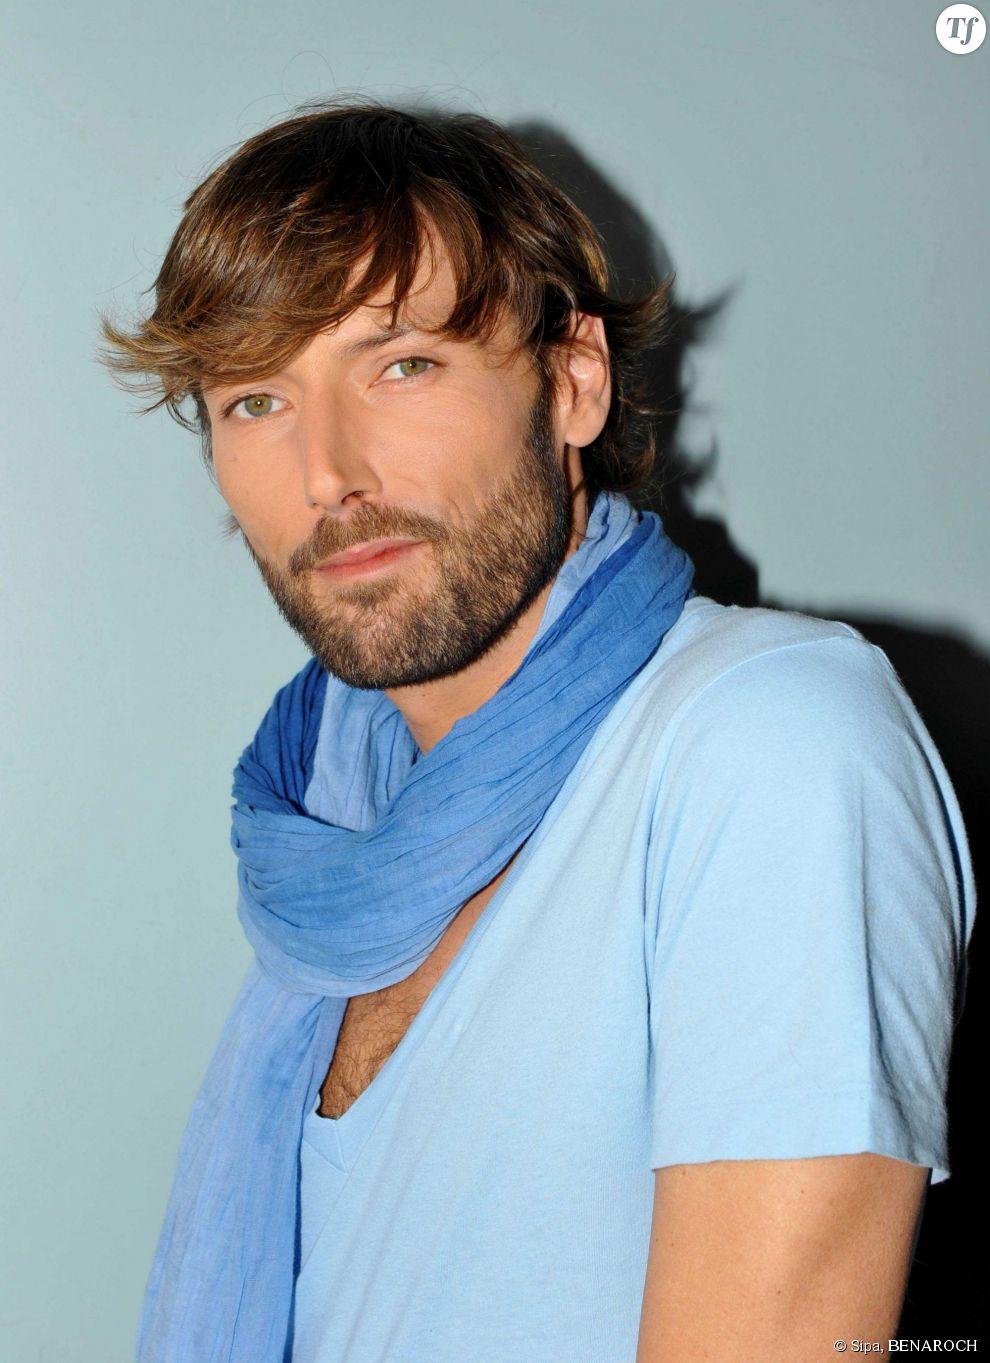 Laurent Kerusore lors de l'enregistrement d'une émission pour France 3 en 2010